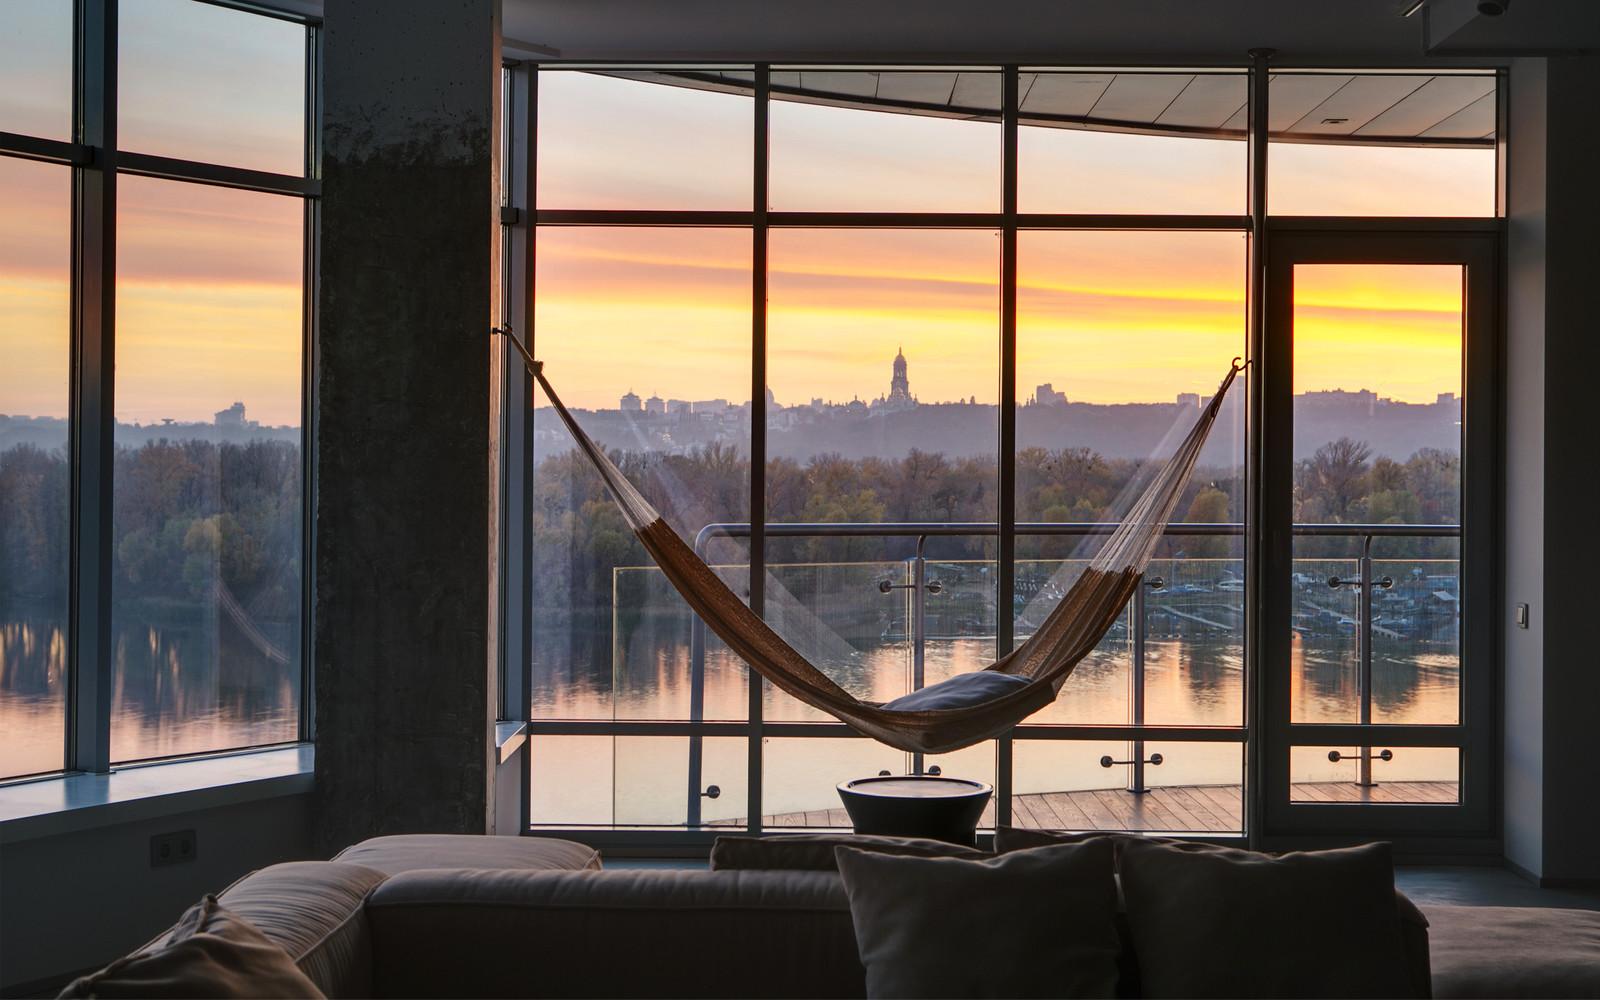 панорамни прозорци и свобода в просторния градски апартамент_10